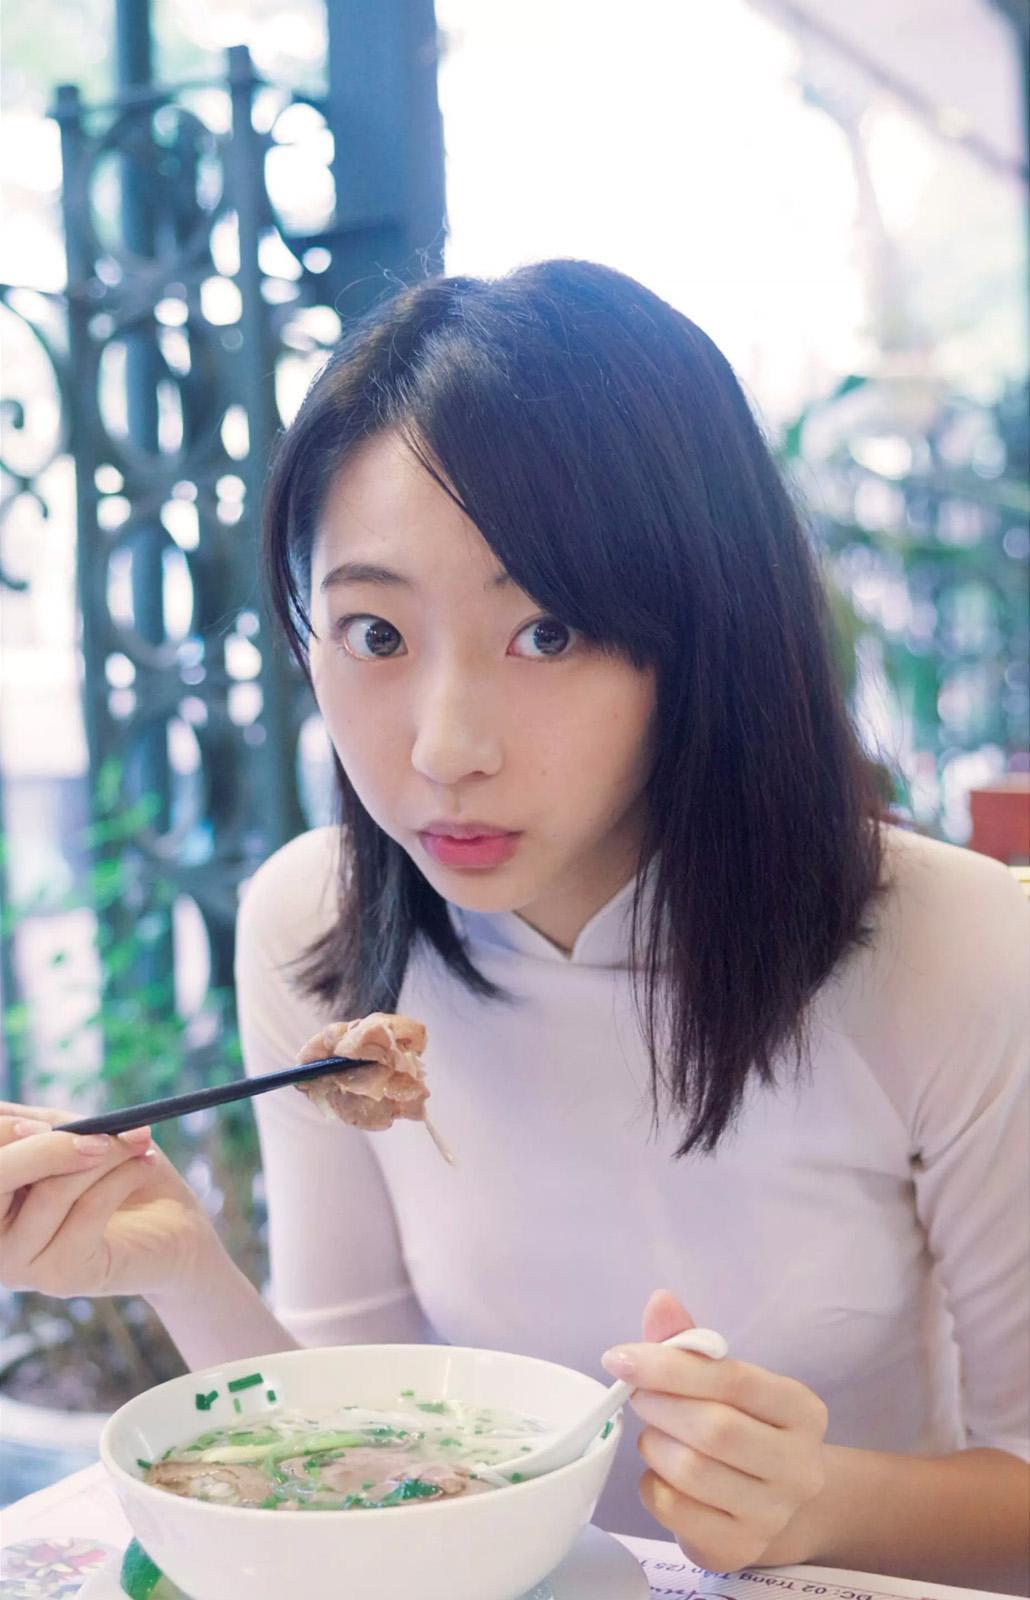 「週刊プレイボーイ 2017 No.12」SWEET 19 MEMORIES mini PHOTOBOOK(武田玲奈のアオザイグラビア)